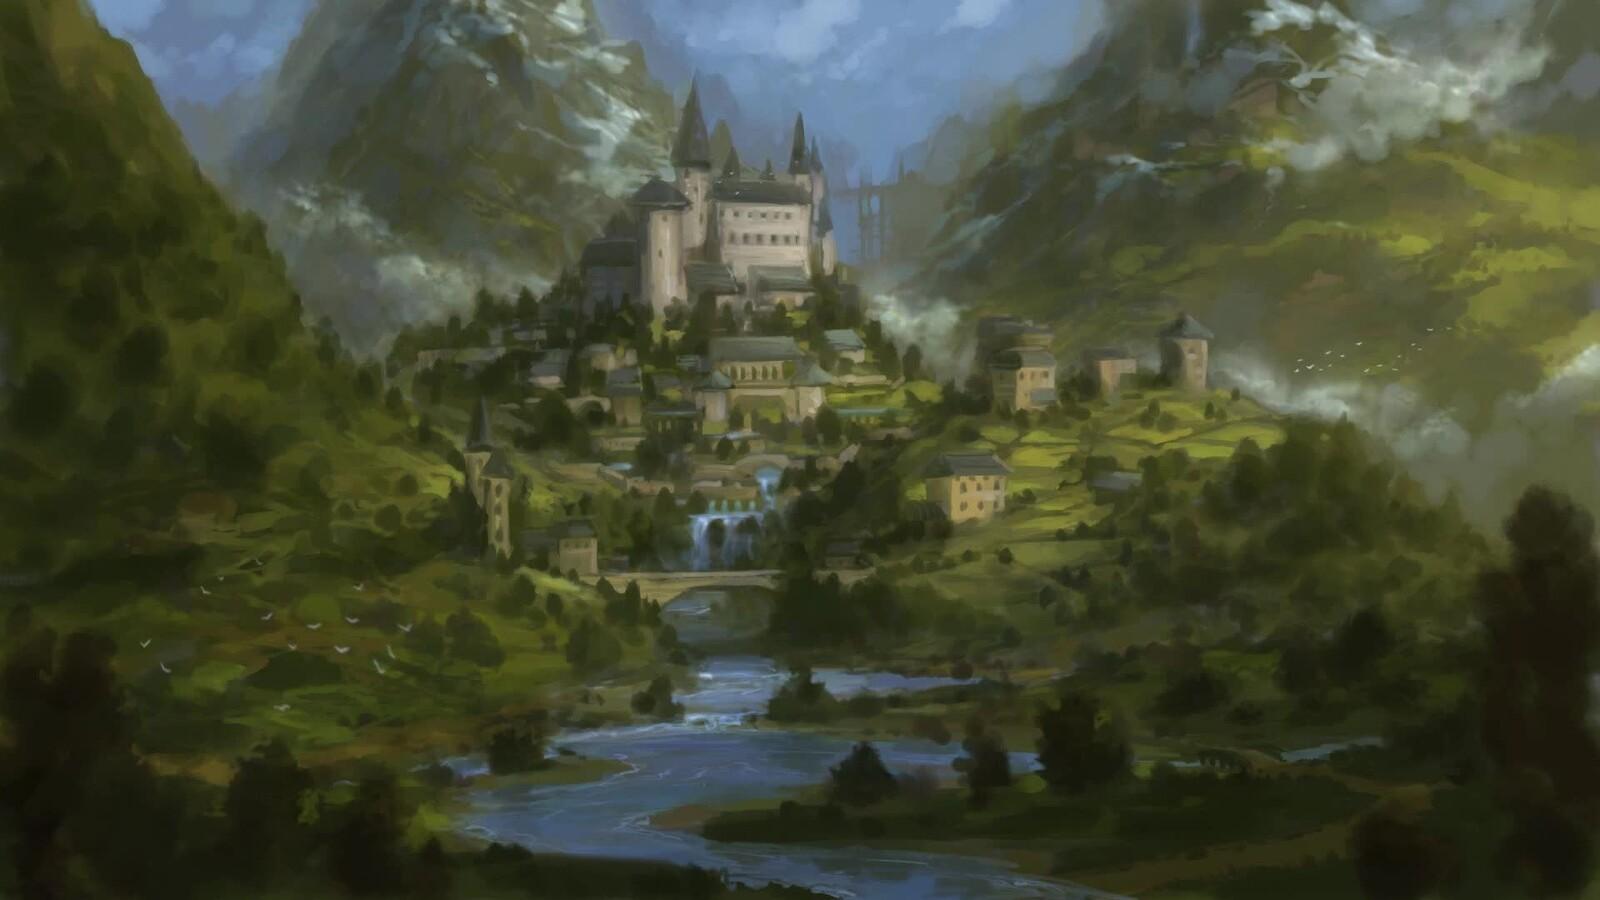 Fantasy Castle - sketch